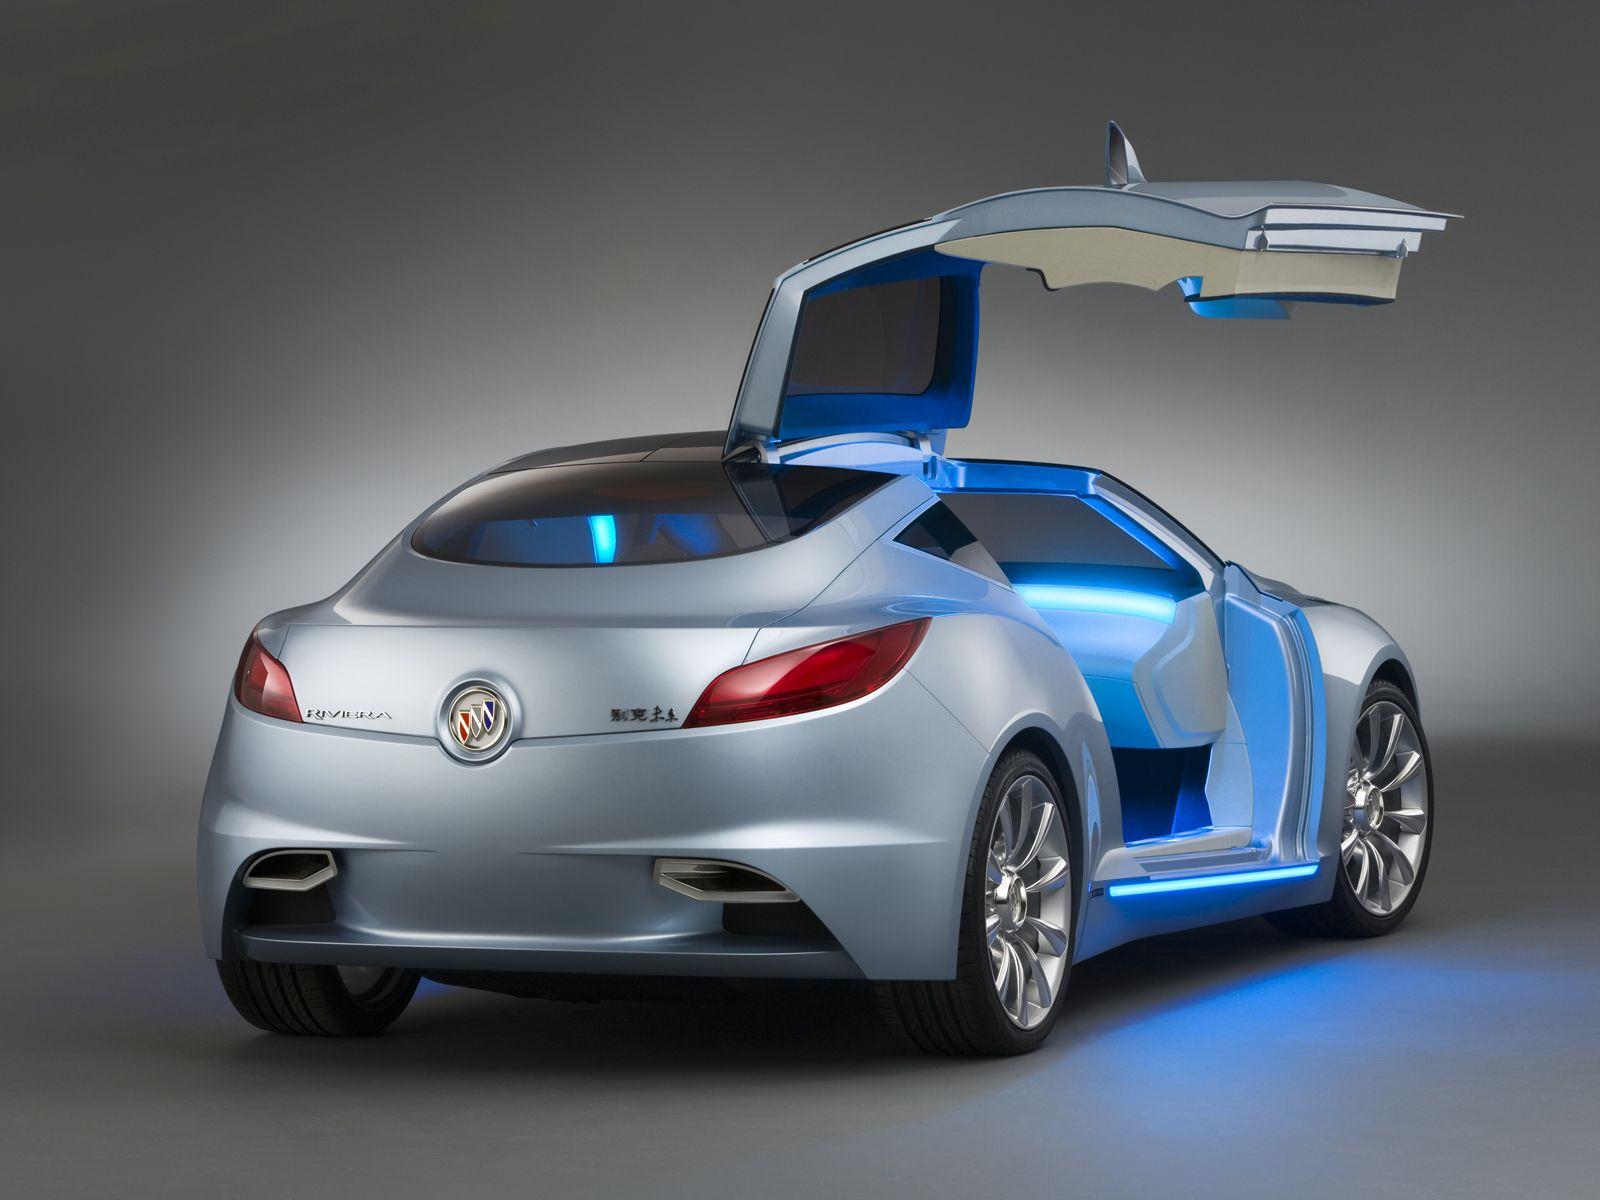 2009 Buick Riviera Concept 09